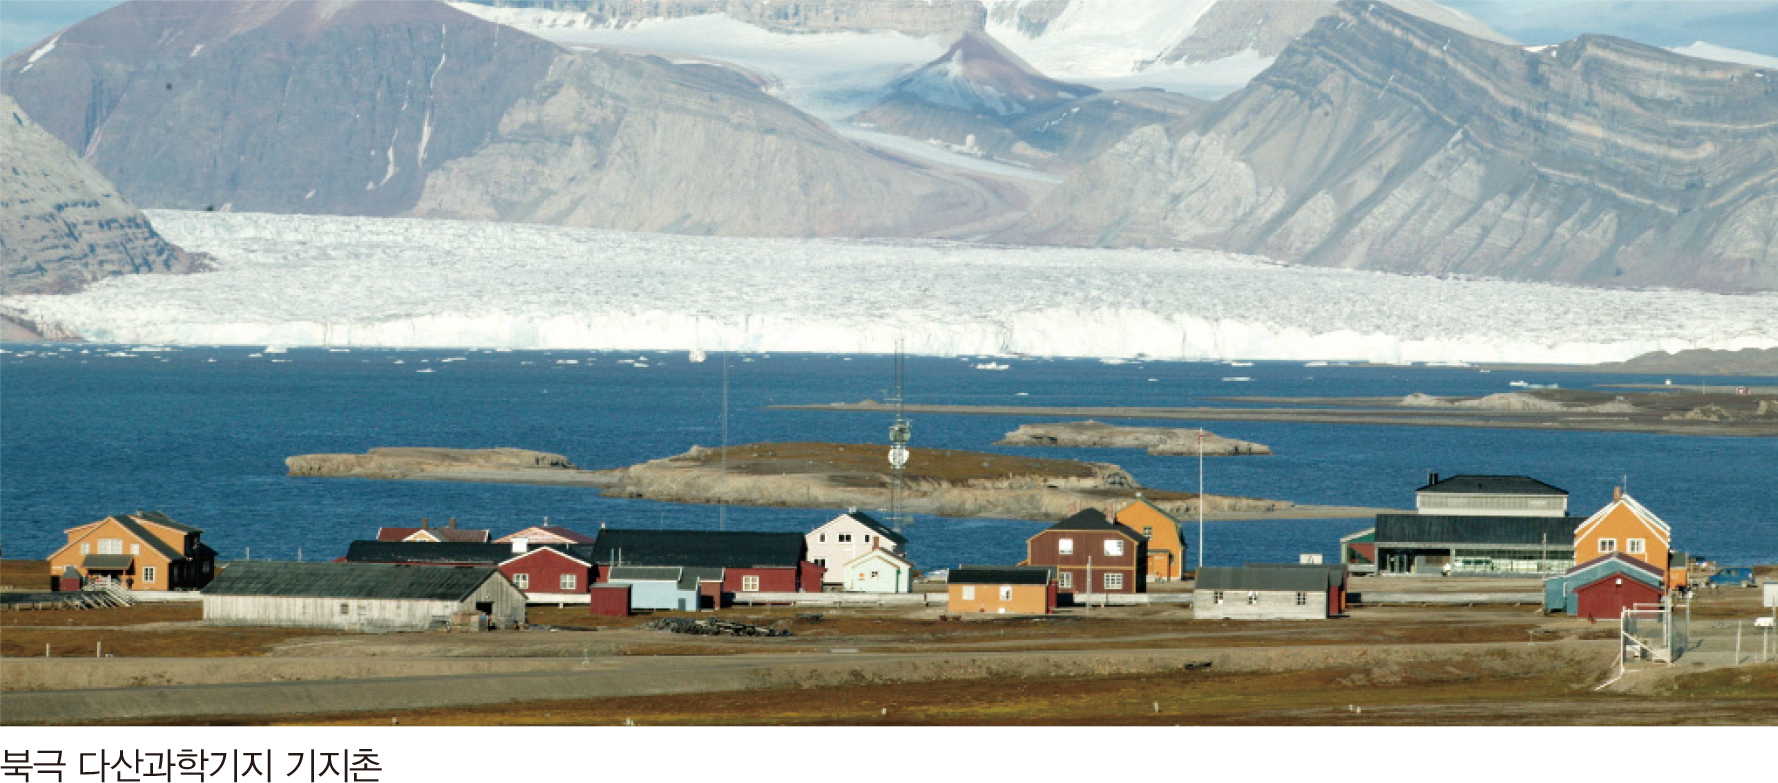 북극 다산과학기지 기지촌